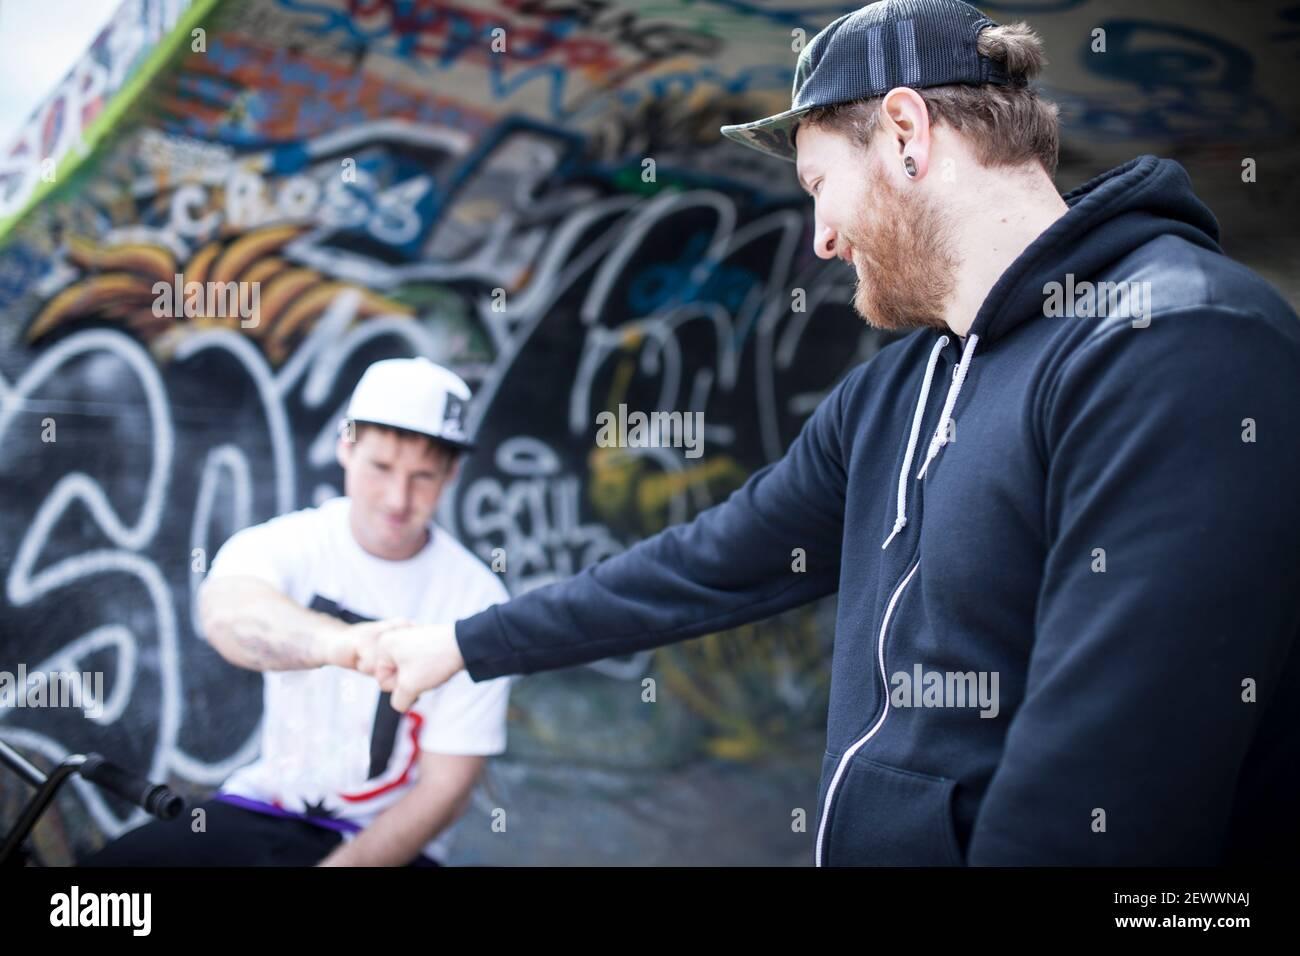 Deux copains se bousculer et donnent une poignée de main à l'autre Banque D'Images